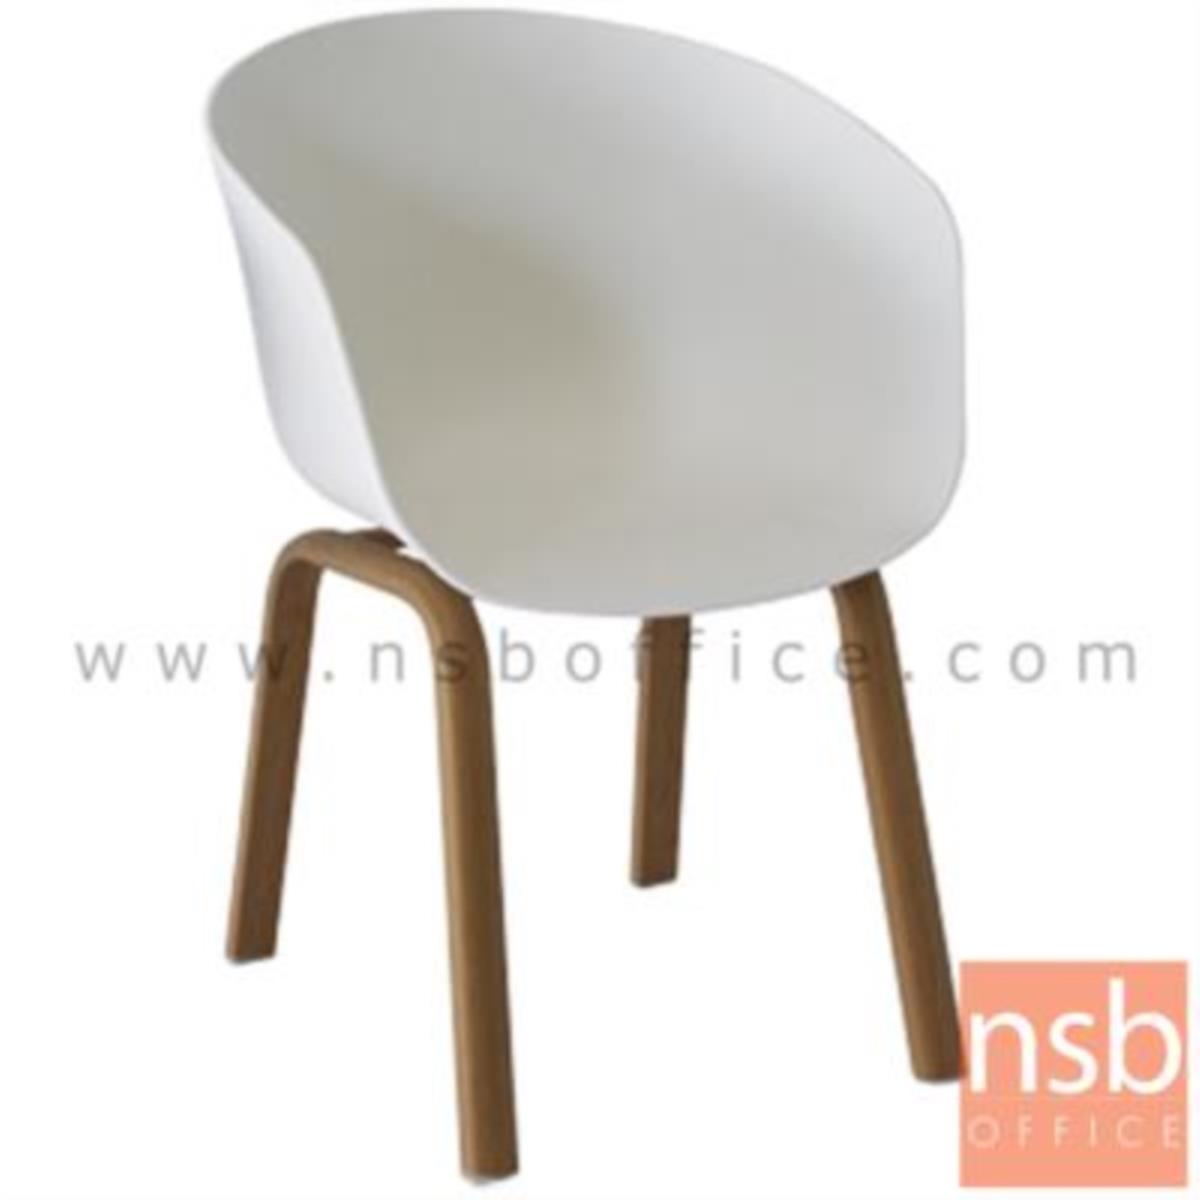 B29A226:เก้าอี้โมเดิร์นพลาสติก รุ่น Mordor (มอร์ดอร์) ขนาด 57W cm. ขาไม้จริง